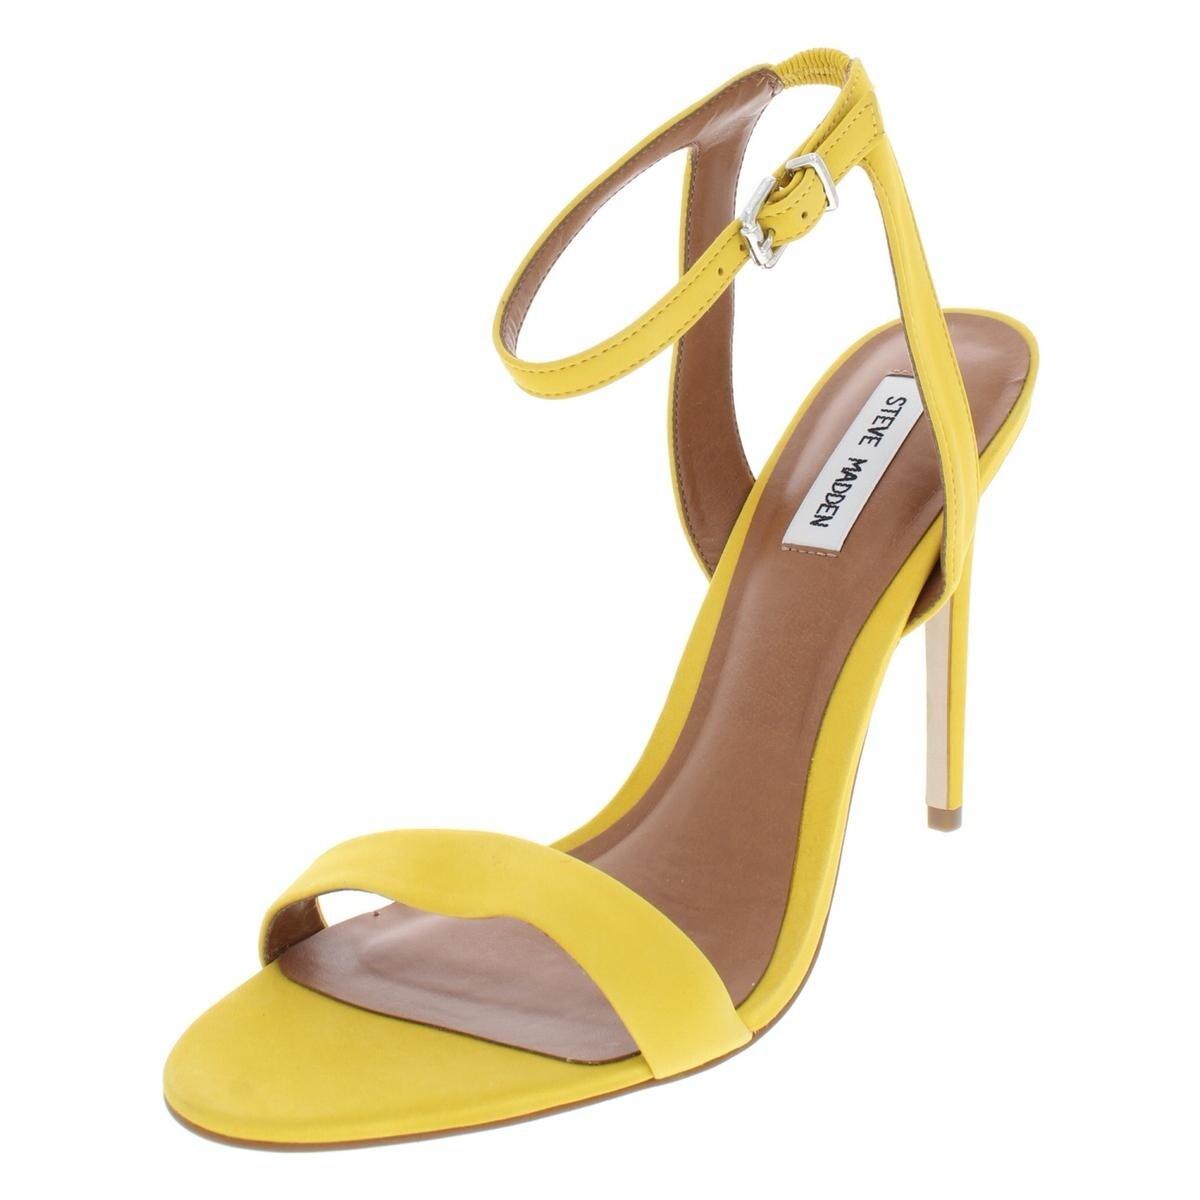 0239bc81eaa Steve Madden Womens Landen Dress Sandals